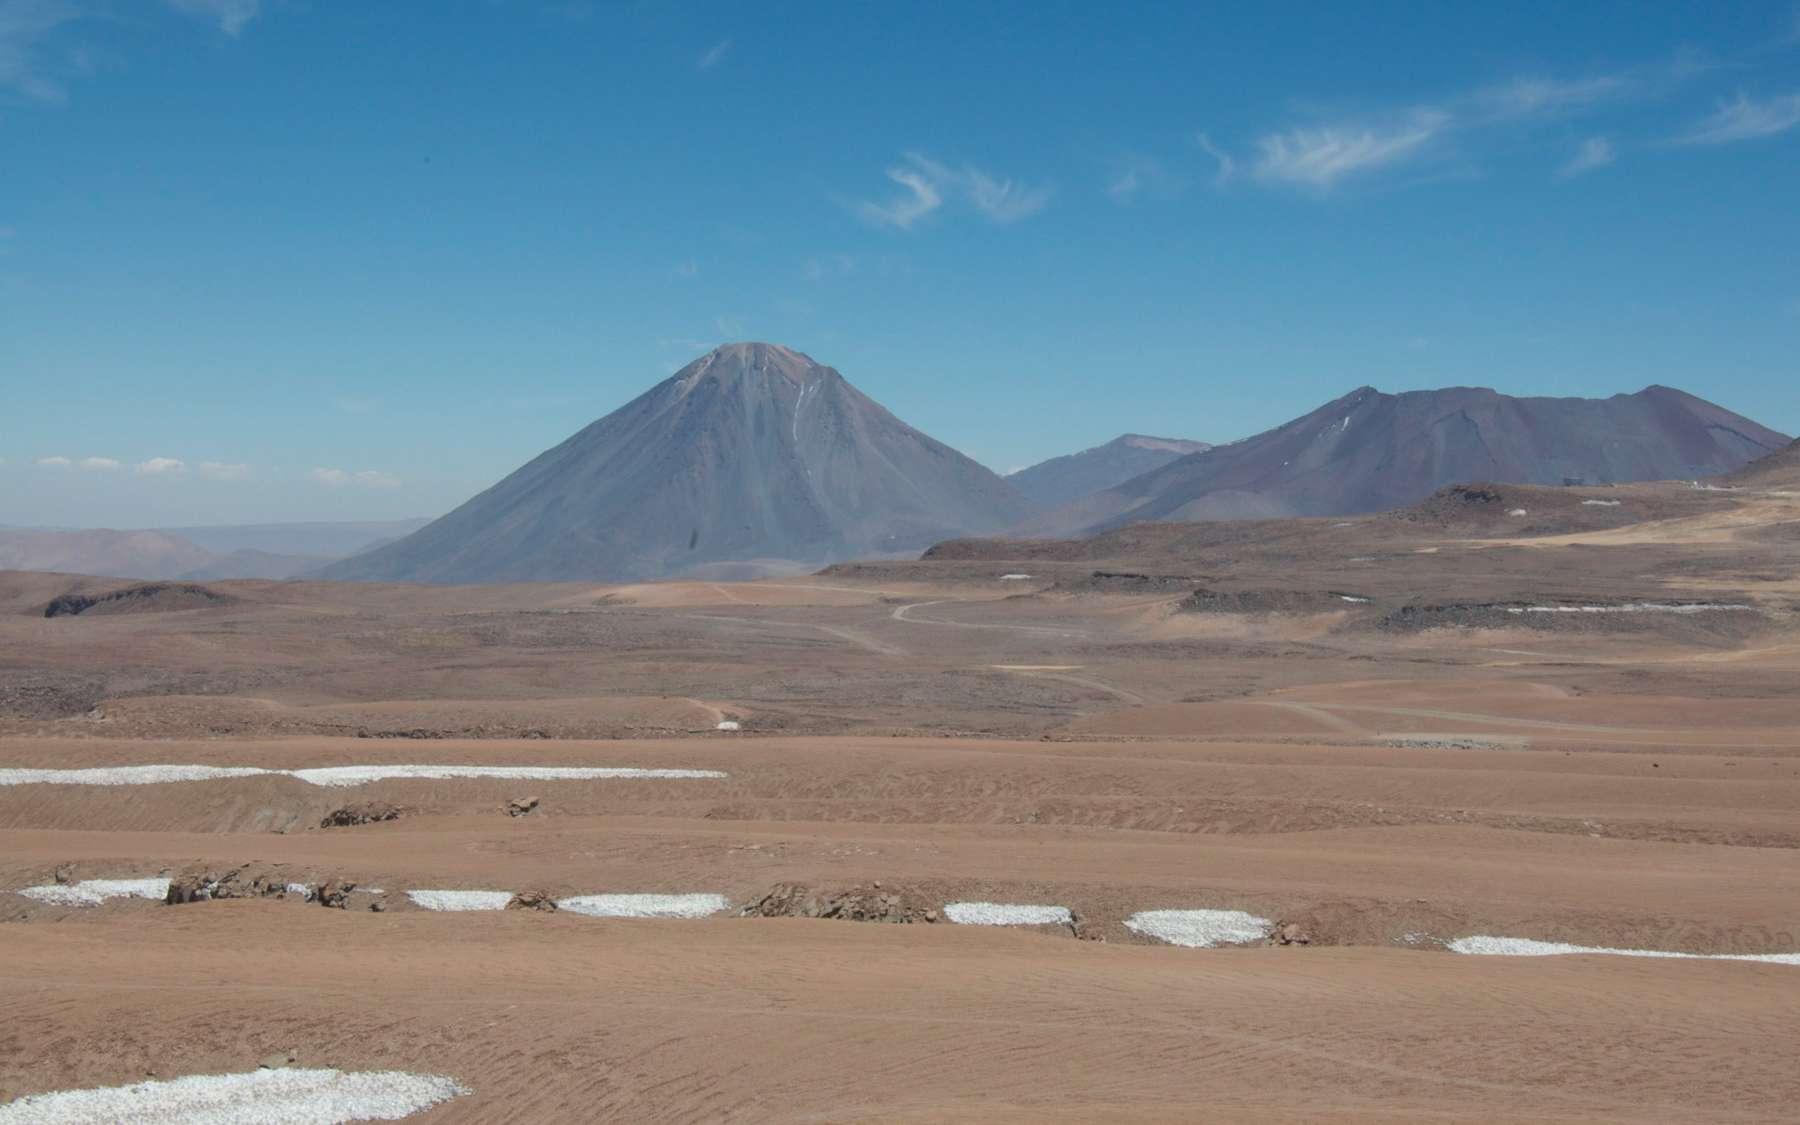 Le Chili est un pays assez exceptionnel, par sa forme longiligne et sa diversité. S'y trouve notamment le désert aride d'Atacama, à plusieurs milliers de mètres d'altitude, clairsemé de volcans gigantesques aujourd'hui éteints pour la plupart. © Rémy Decourt, Futura-Sciences